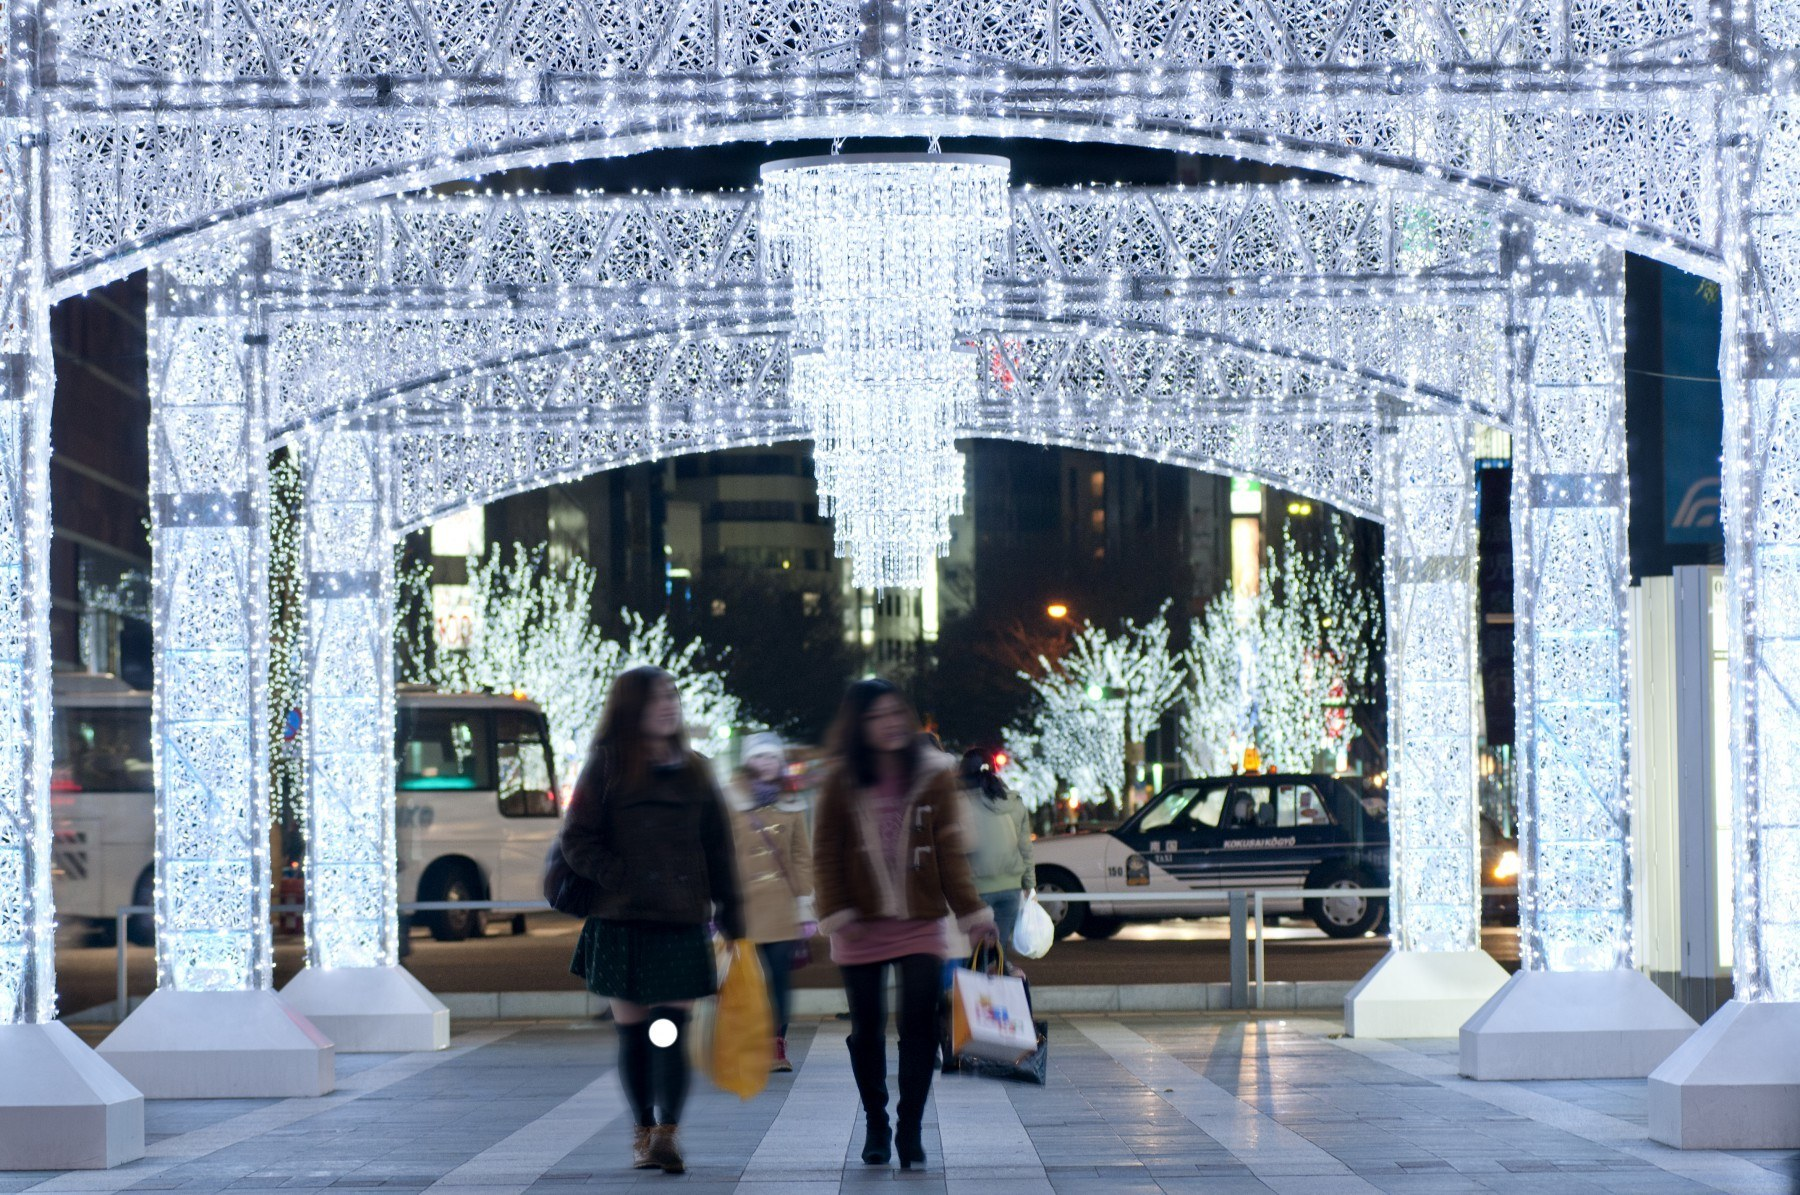 하카타역 크리스마스 일루미네이션(2011)의 이미지